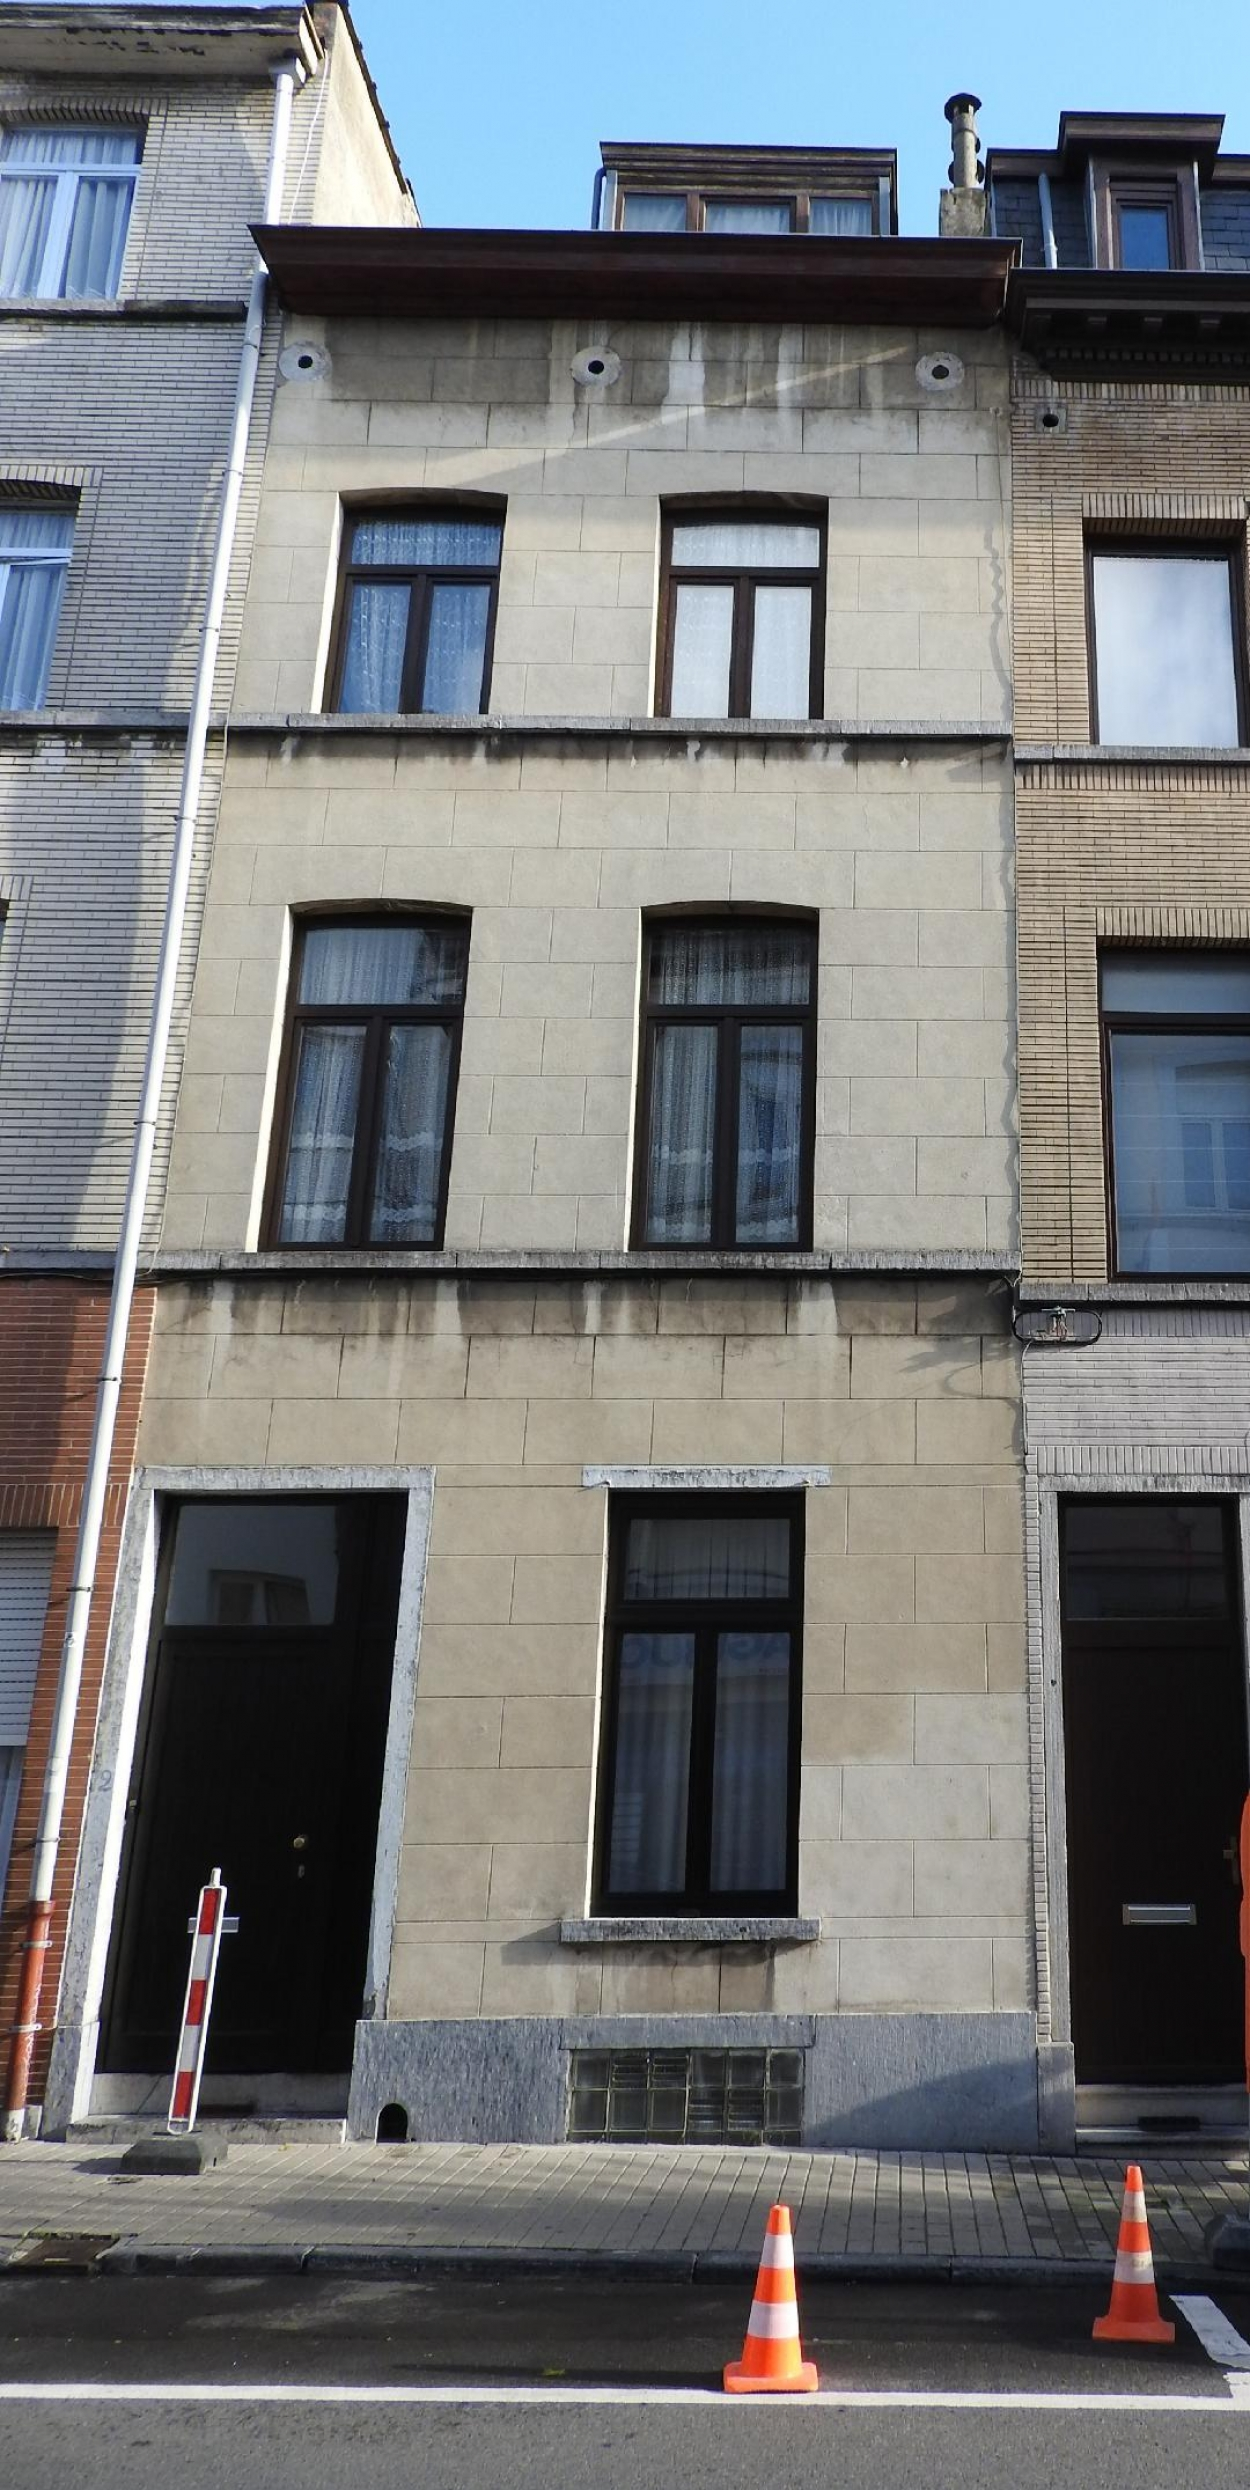 72-rue-goffart.jpg